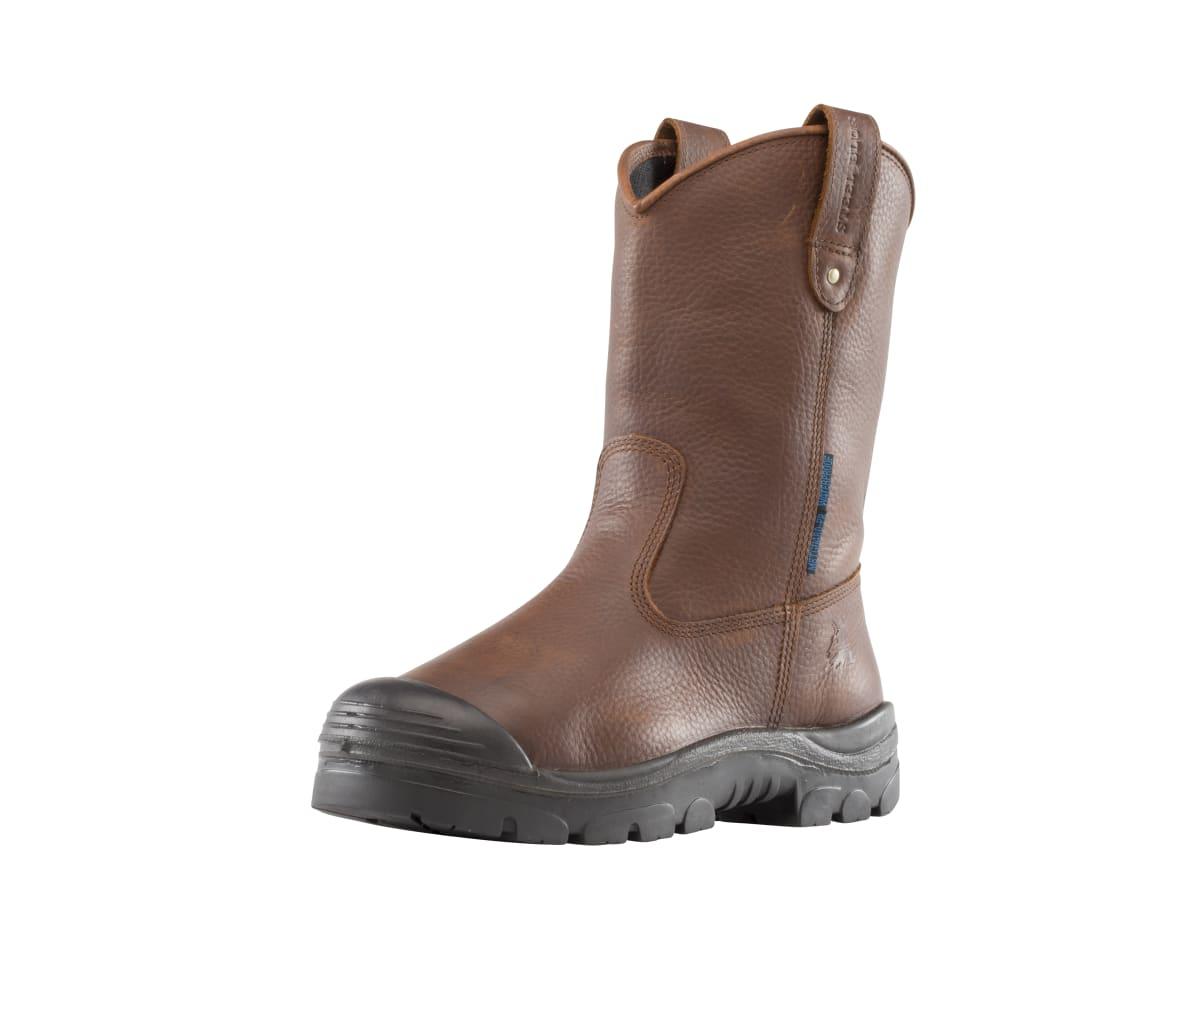 Heeler Met: Waterproof/ Bump Cap S3 -